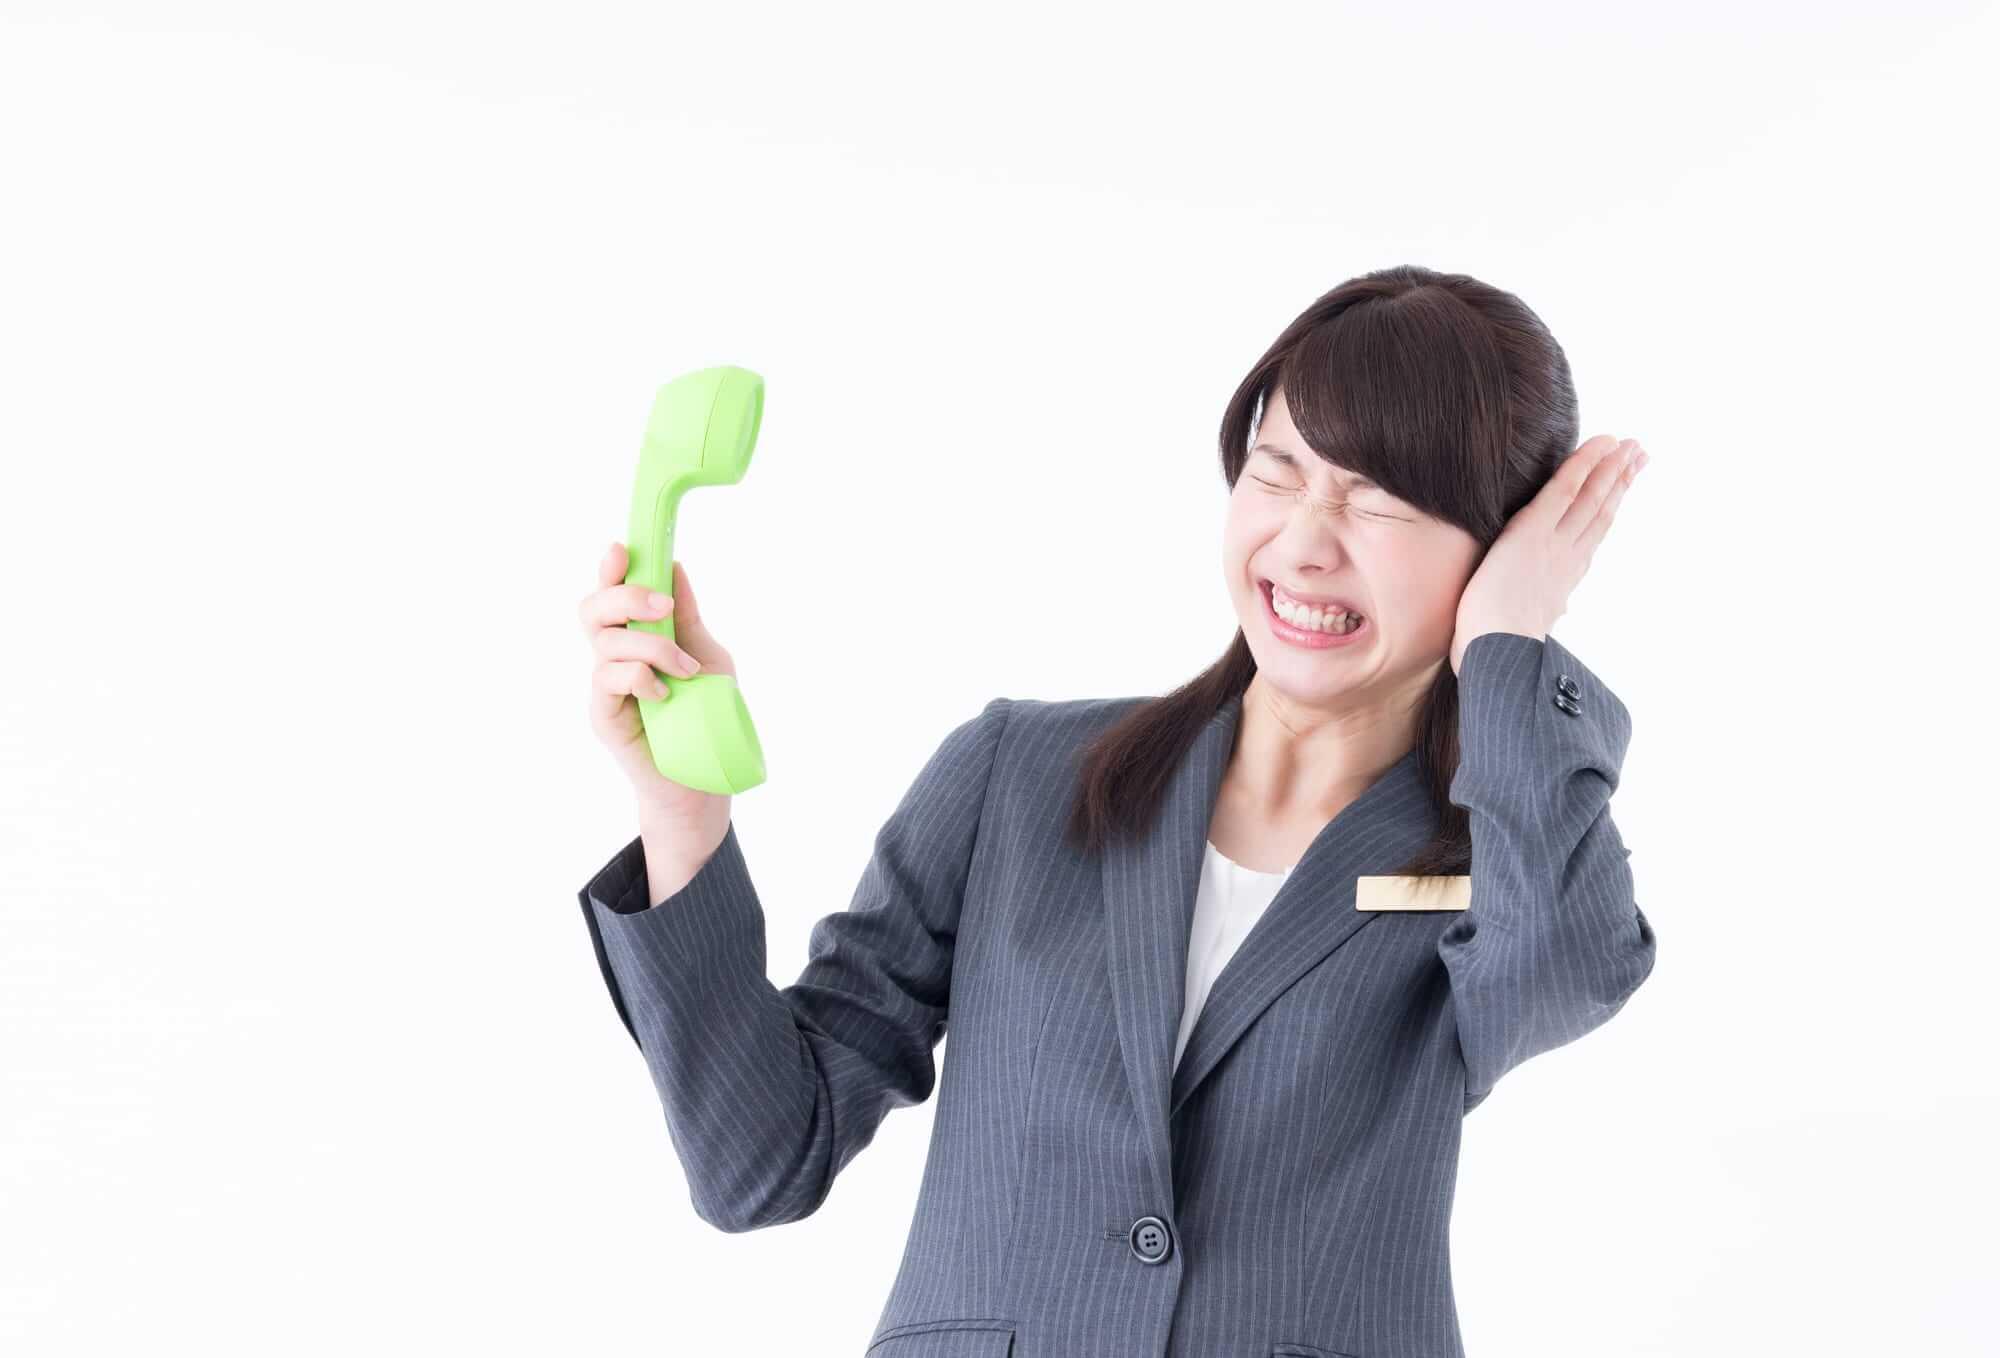 コールセンターでクレーム対応中の女性